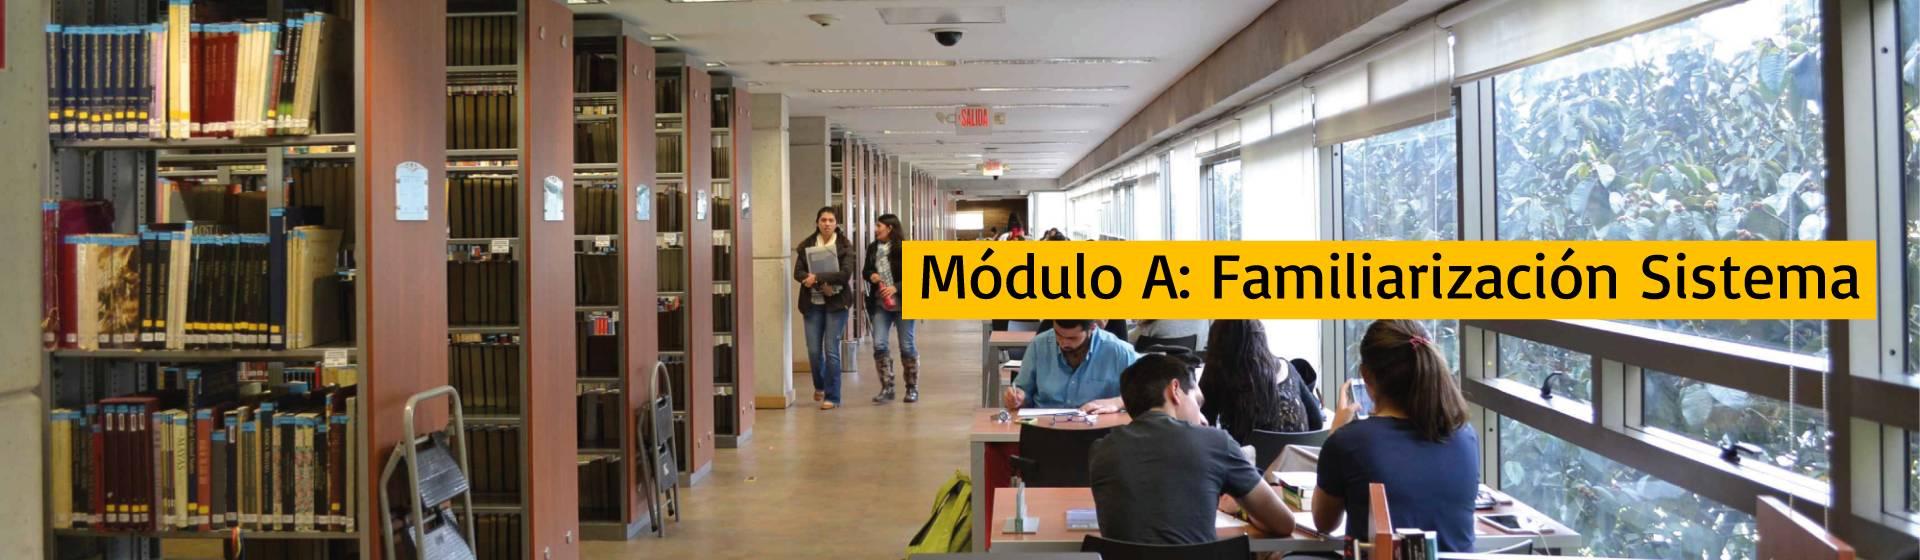 Módulo A: Familiarización Sistema de Bibliotecas   Uniandes